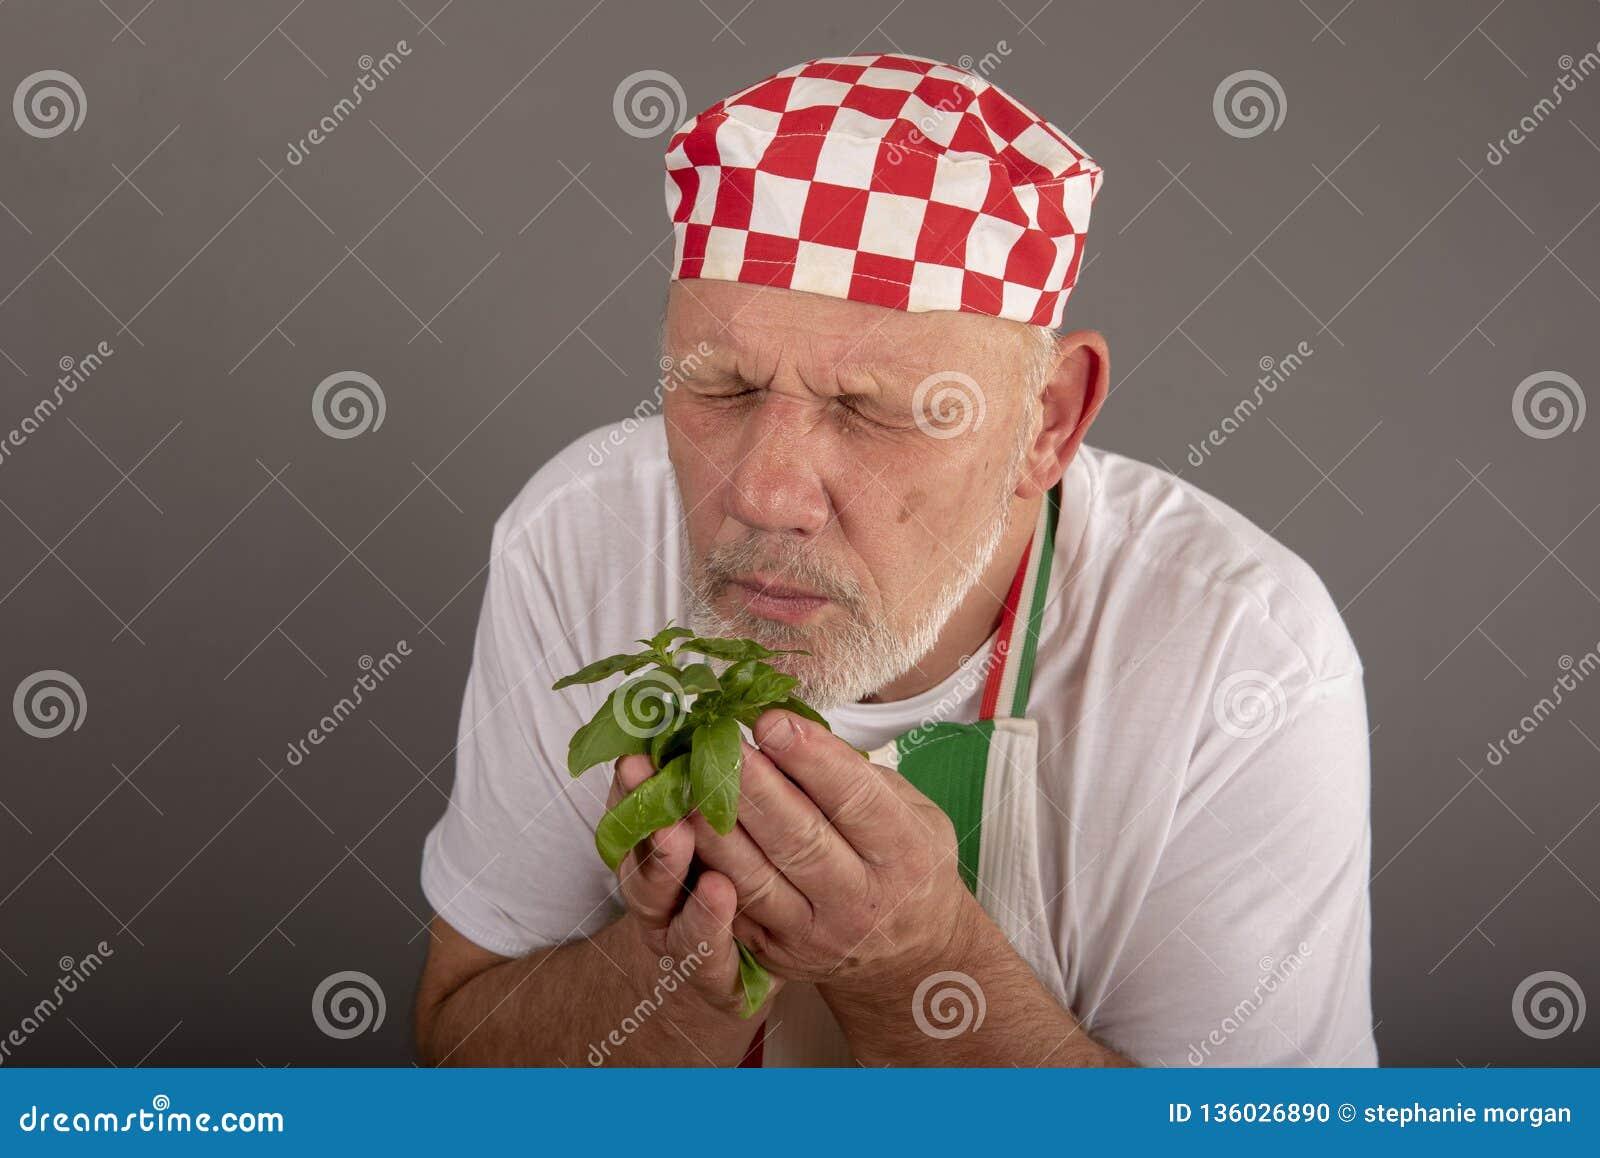 Foglie odoranti del basilico del cuoco unico italiano maturo